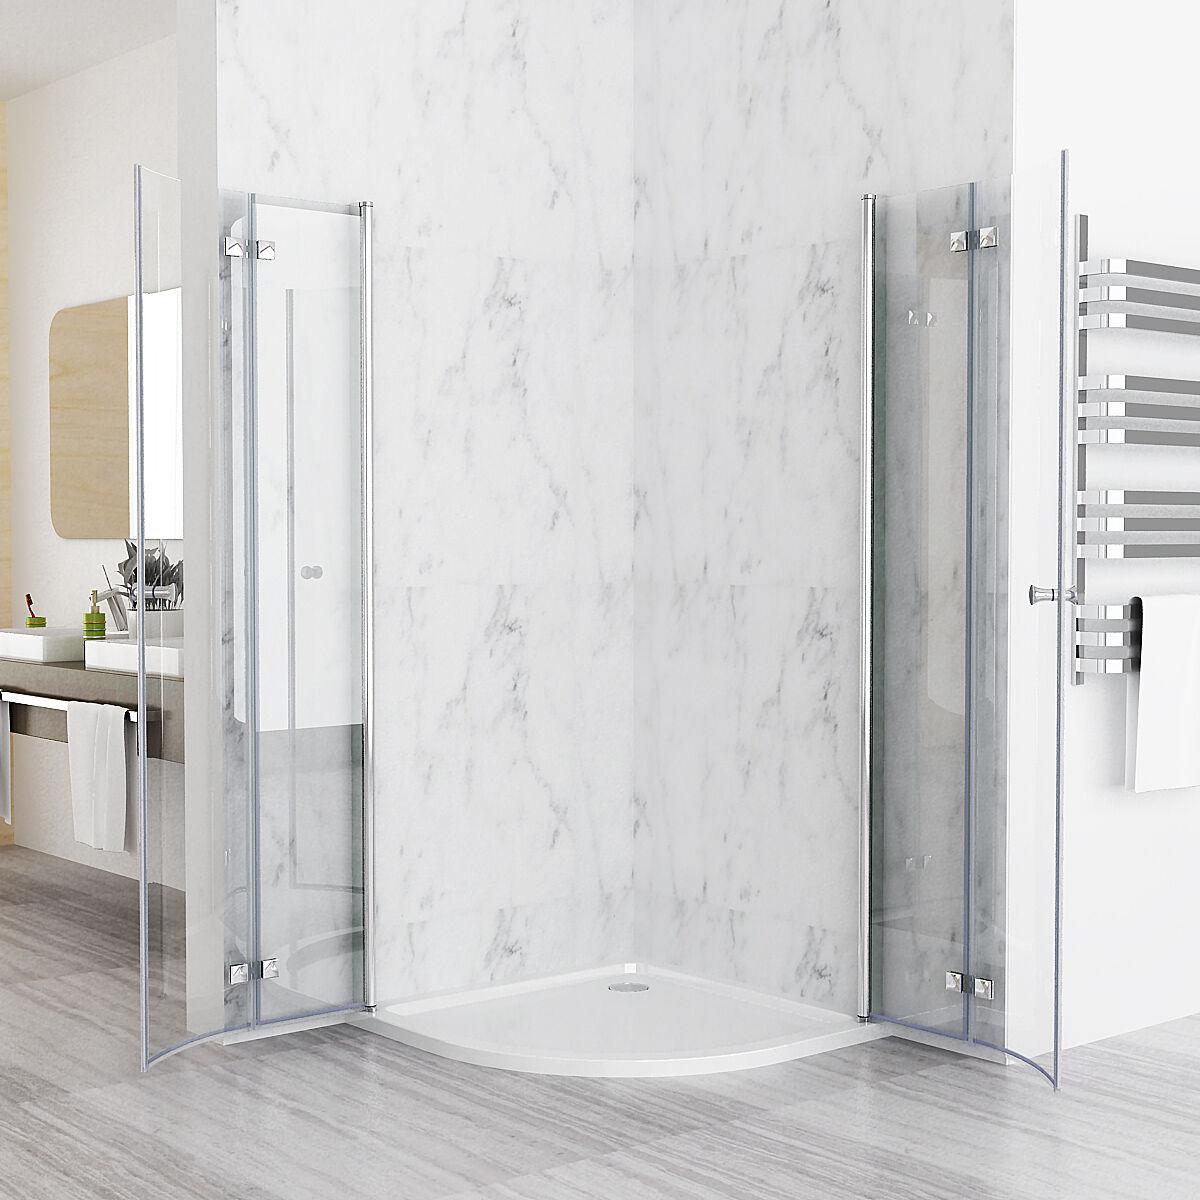 duschkabine runddusche 180 schwingt r dusche viertelkreis. Black Bedroom Furniture Sets. Home Design Ideas